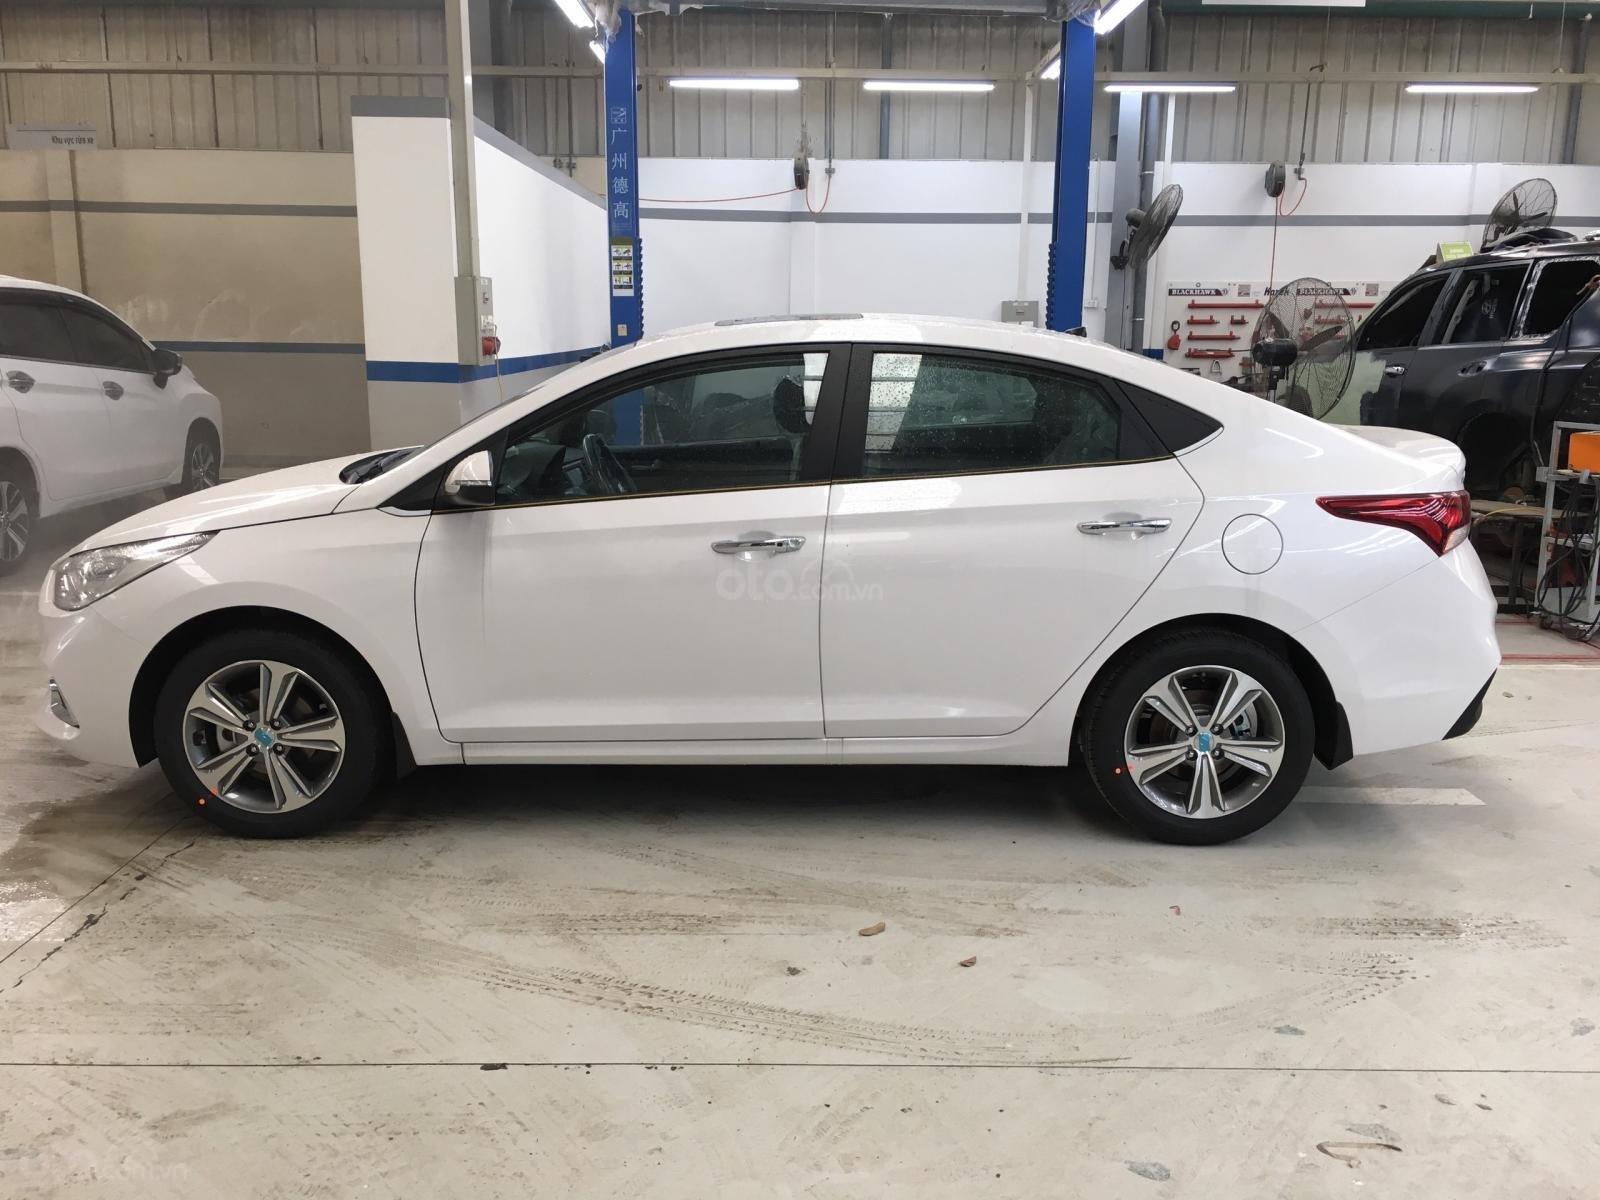 Bán Hyundai Accent 2019 giao ngay, giá cực tốt, KM cực cao, trả góp 90%, liên hệ 0901078111 để ép giá-3